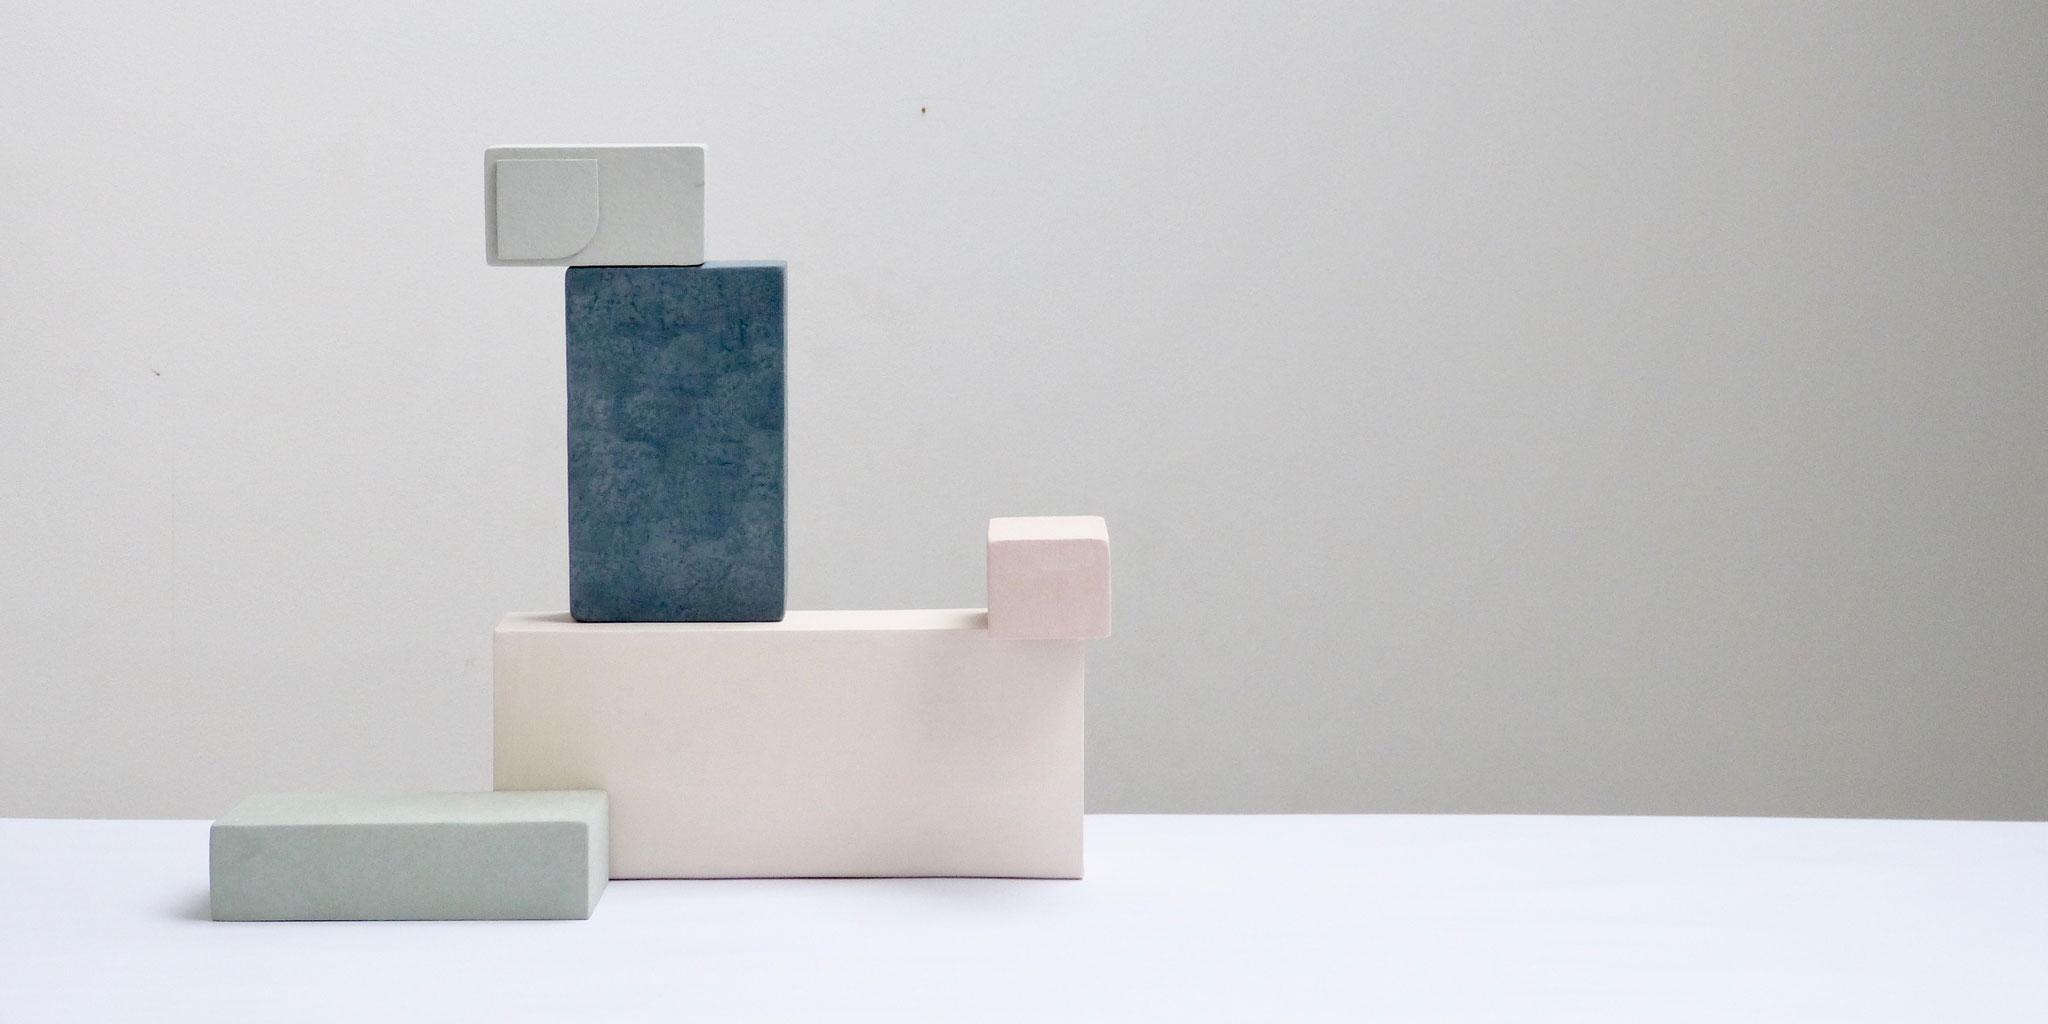 sculpture by ilona van den bergh ceramics